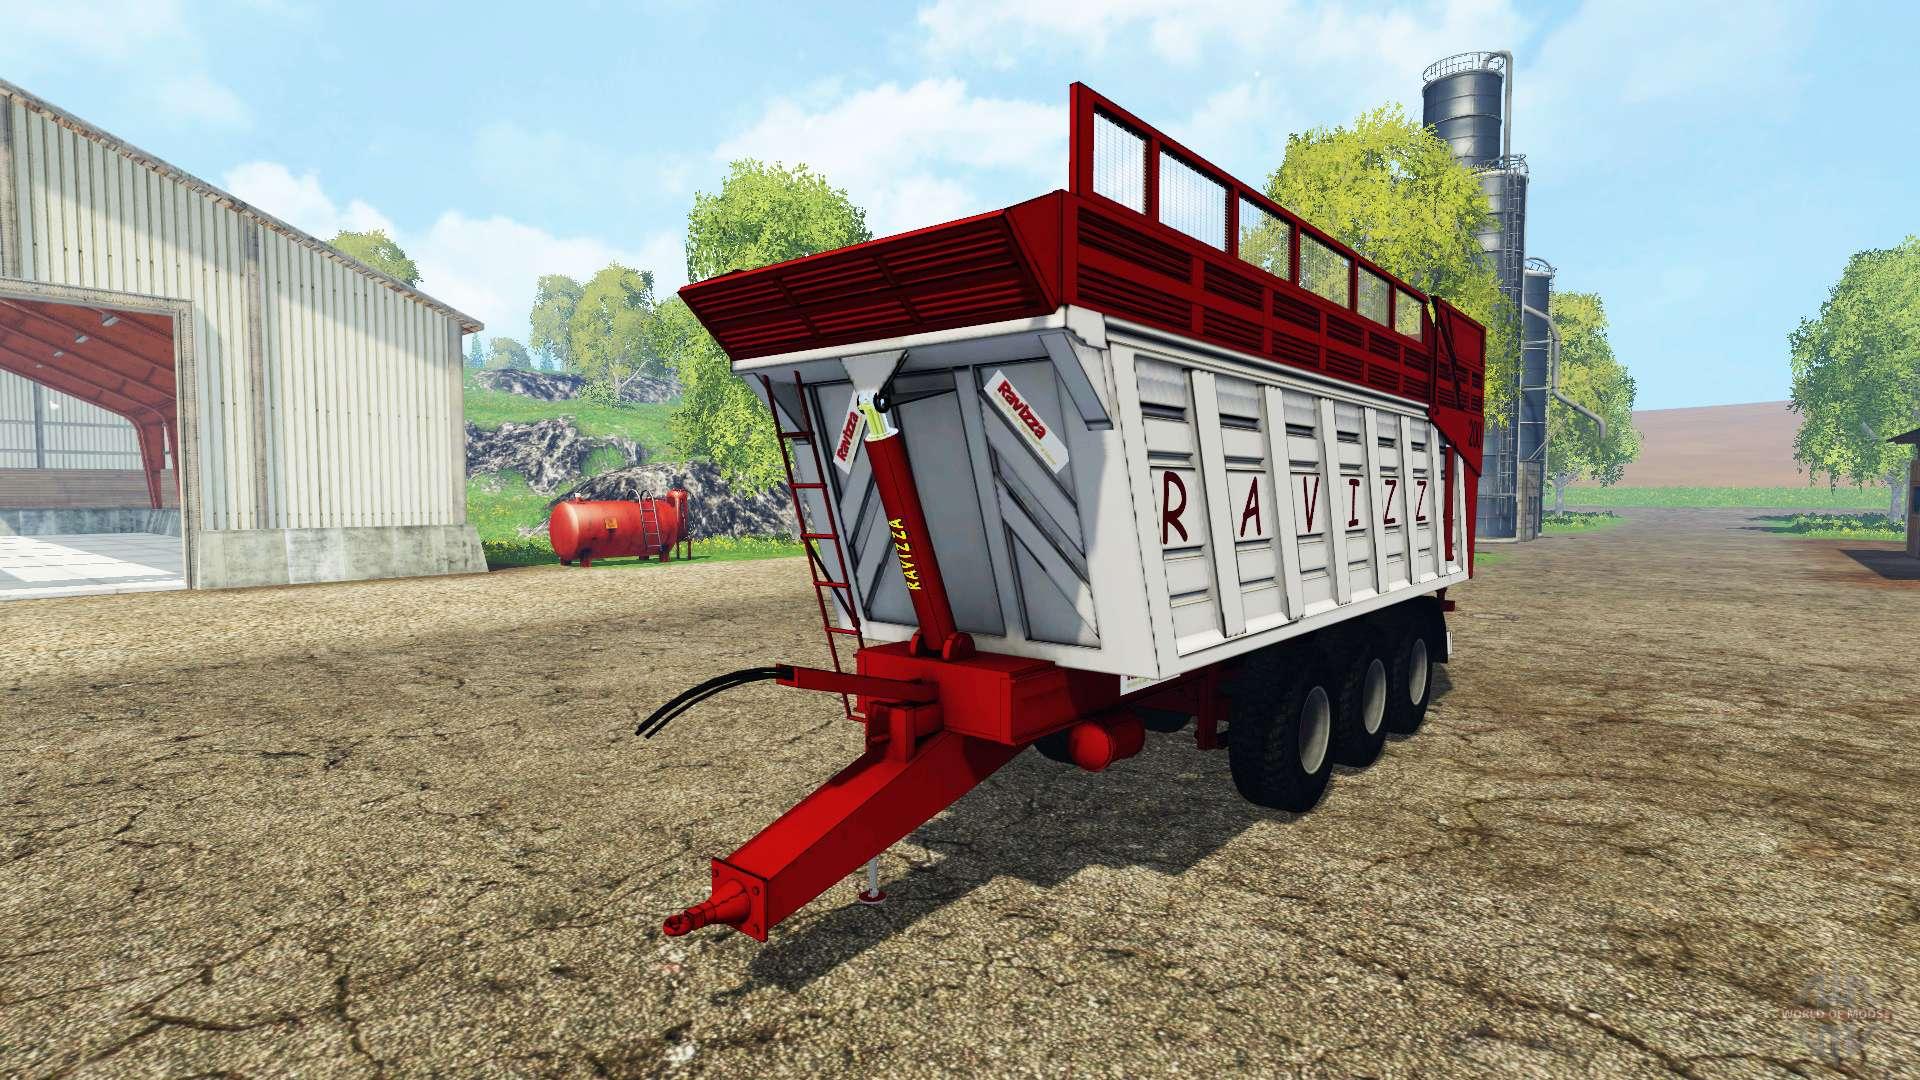 Ravizza EuroCargo 7200 For Farming Simulator 2015